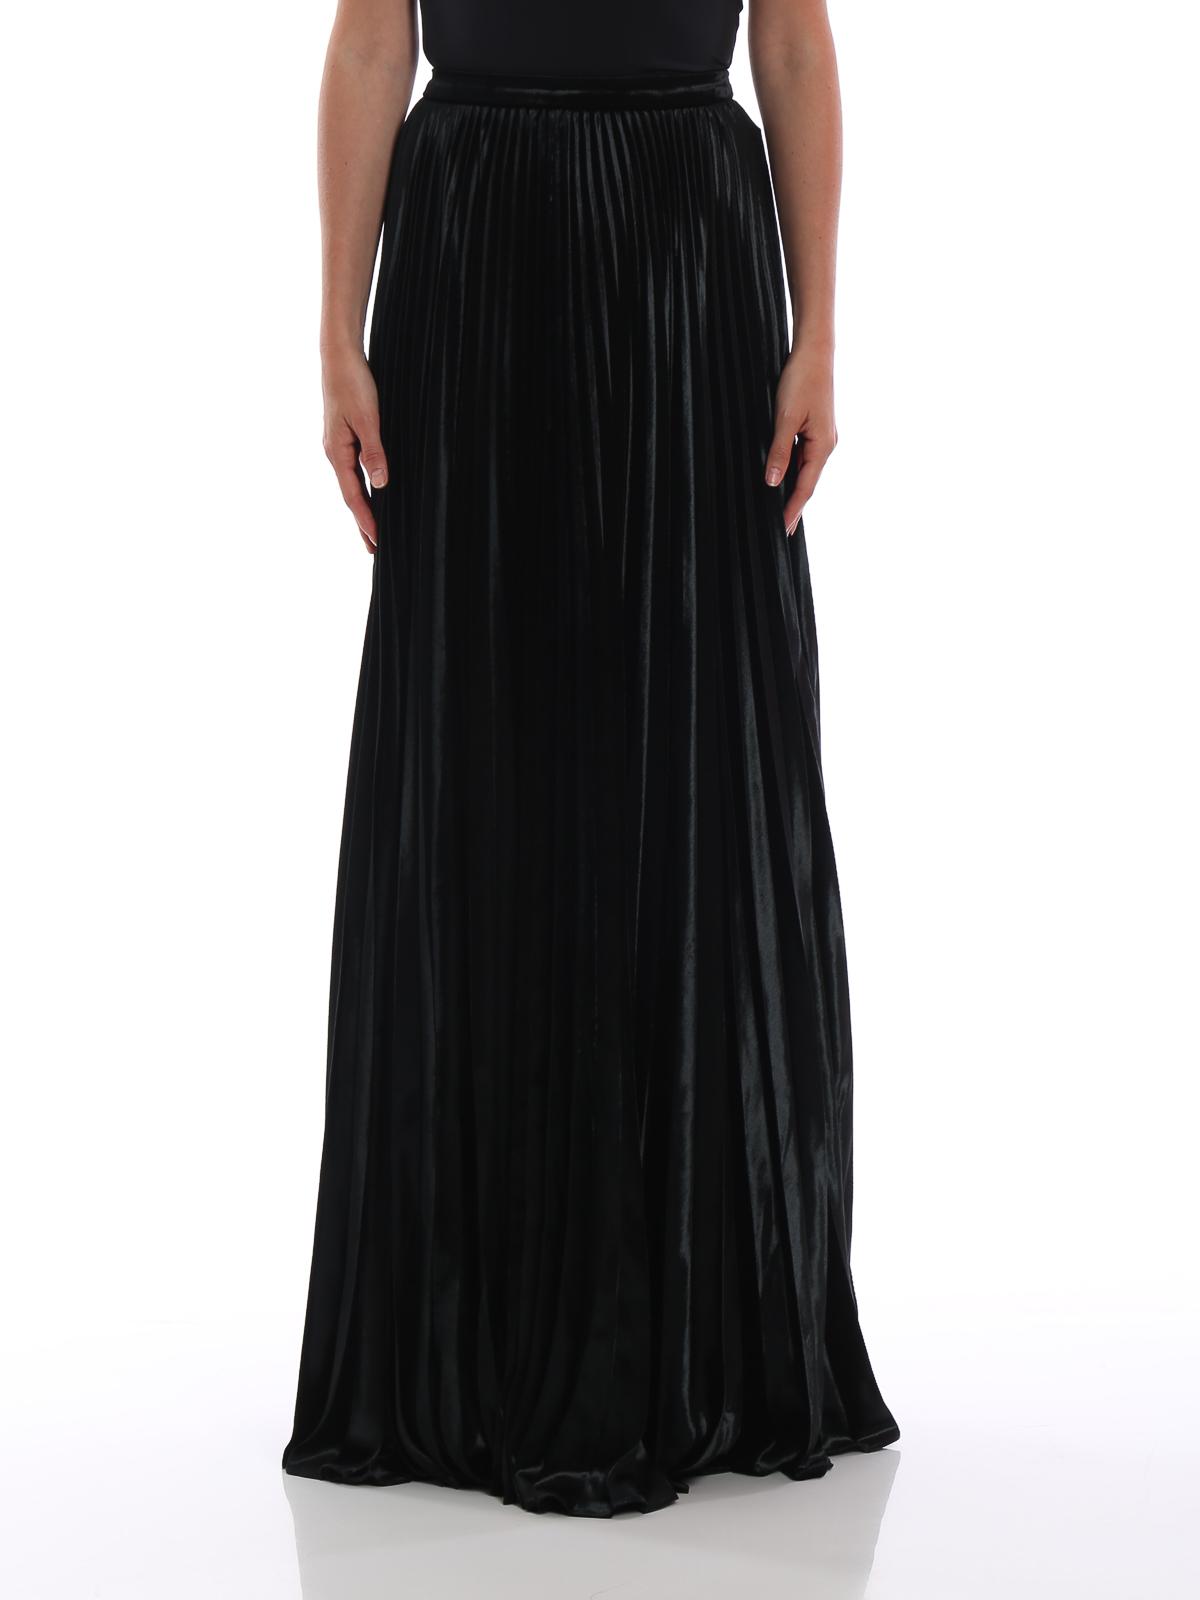 Saint Laurent  Floor length black velour pleated skirt